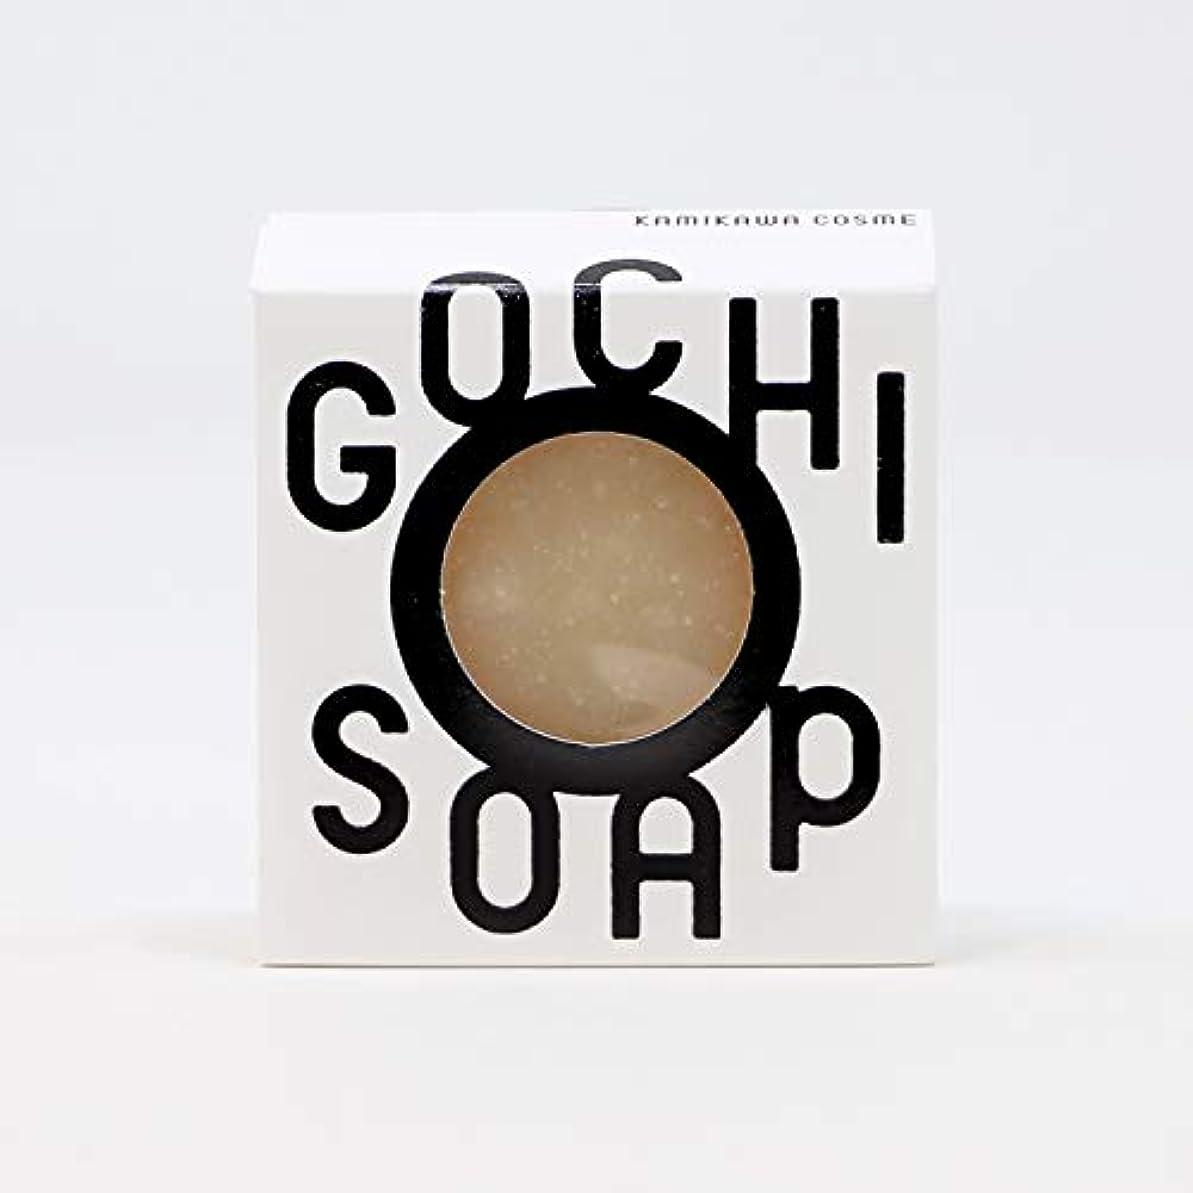 演じる識別する変成器GOCHI SOAP ゴチソープ 平田こうじ店の米糀のソープ